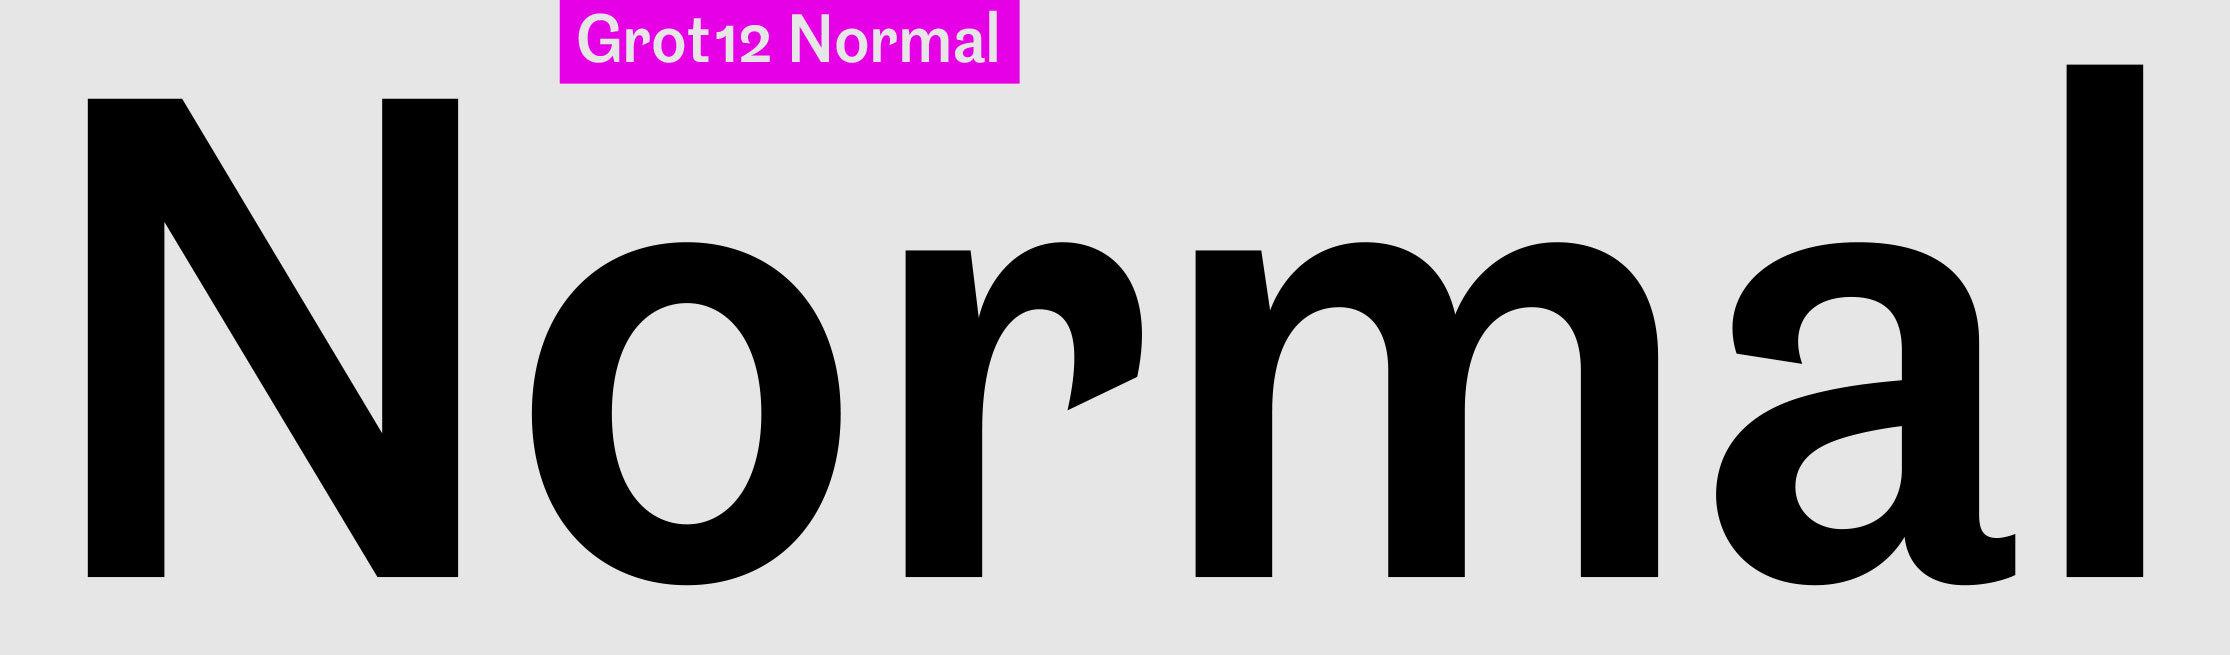 Grot12 Normal sample